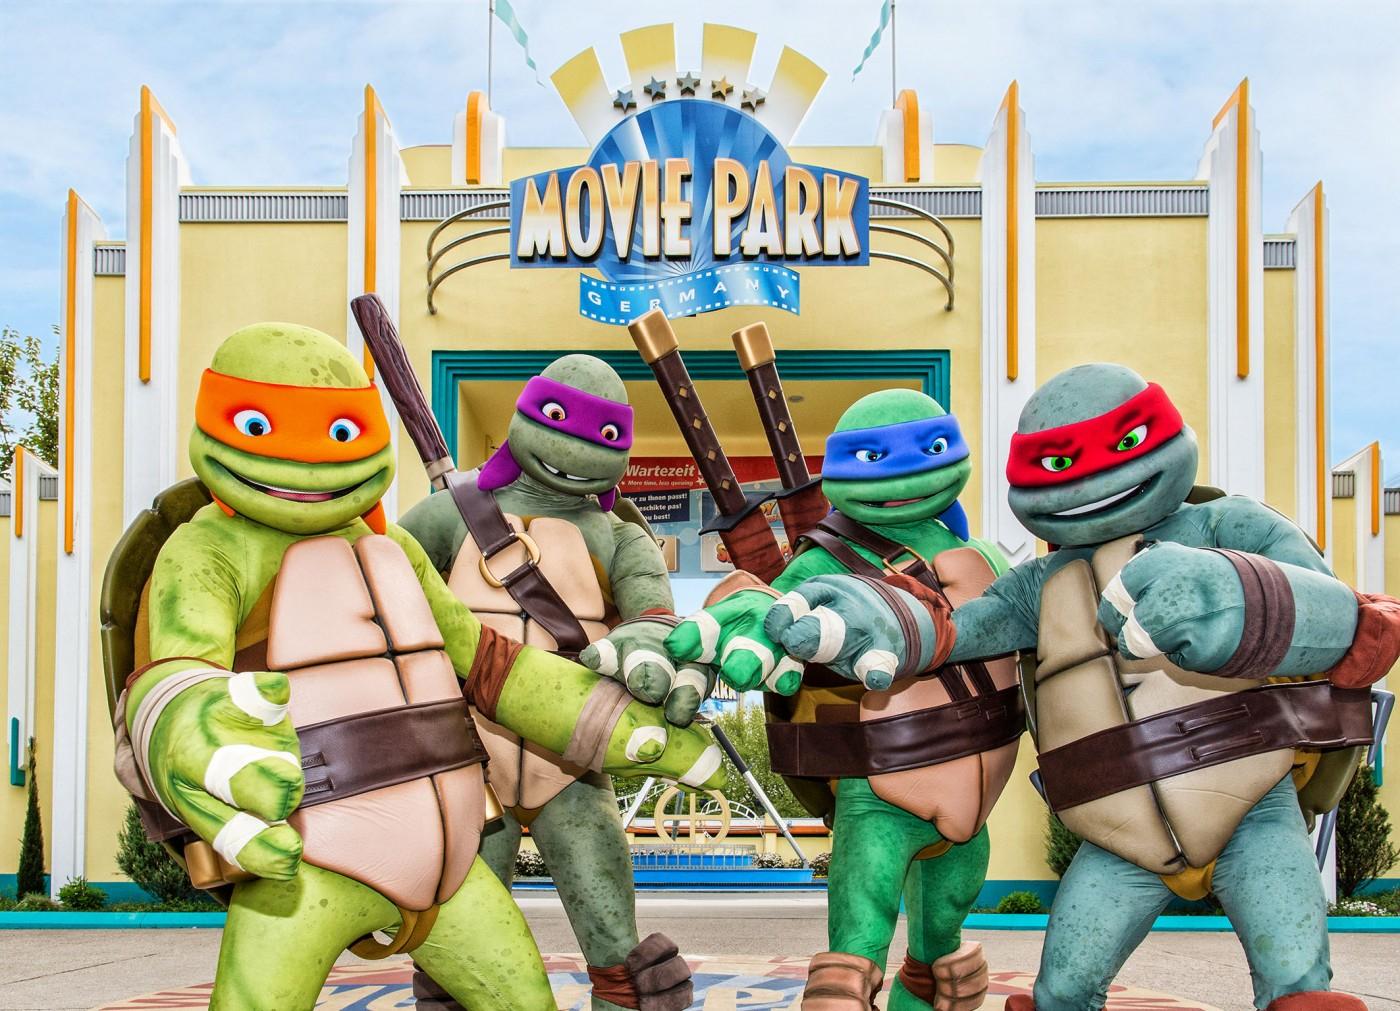 Movie Park - 2 Tage Eintritt inkl. Übernachtung im 4* Maritim Hotel + Frühstück & Gratis Nutzung des Innenpools (2 Personen) für 68€